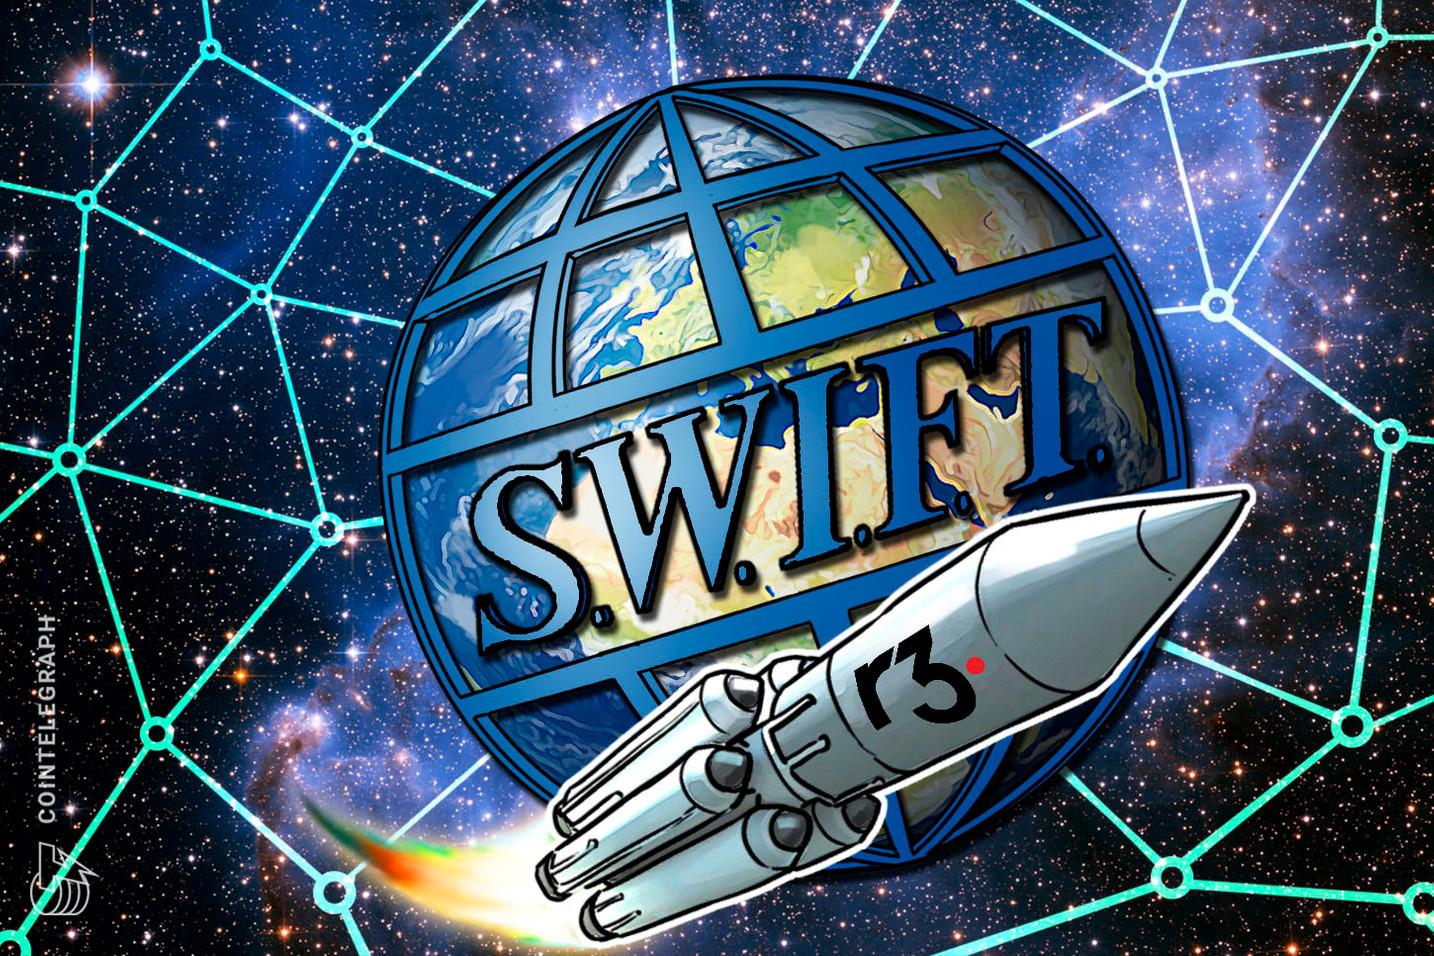 CEO da SWIFT revela planos de se integrar à tecnologia blockchain  do consórcio R3